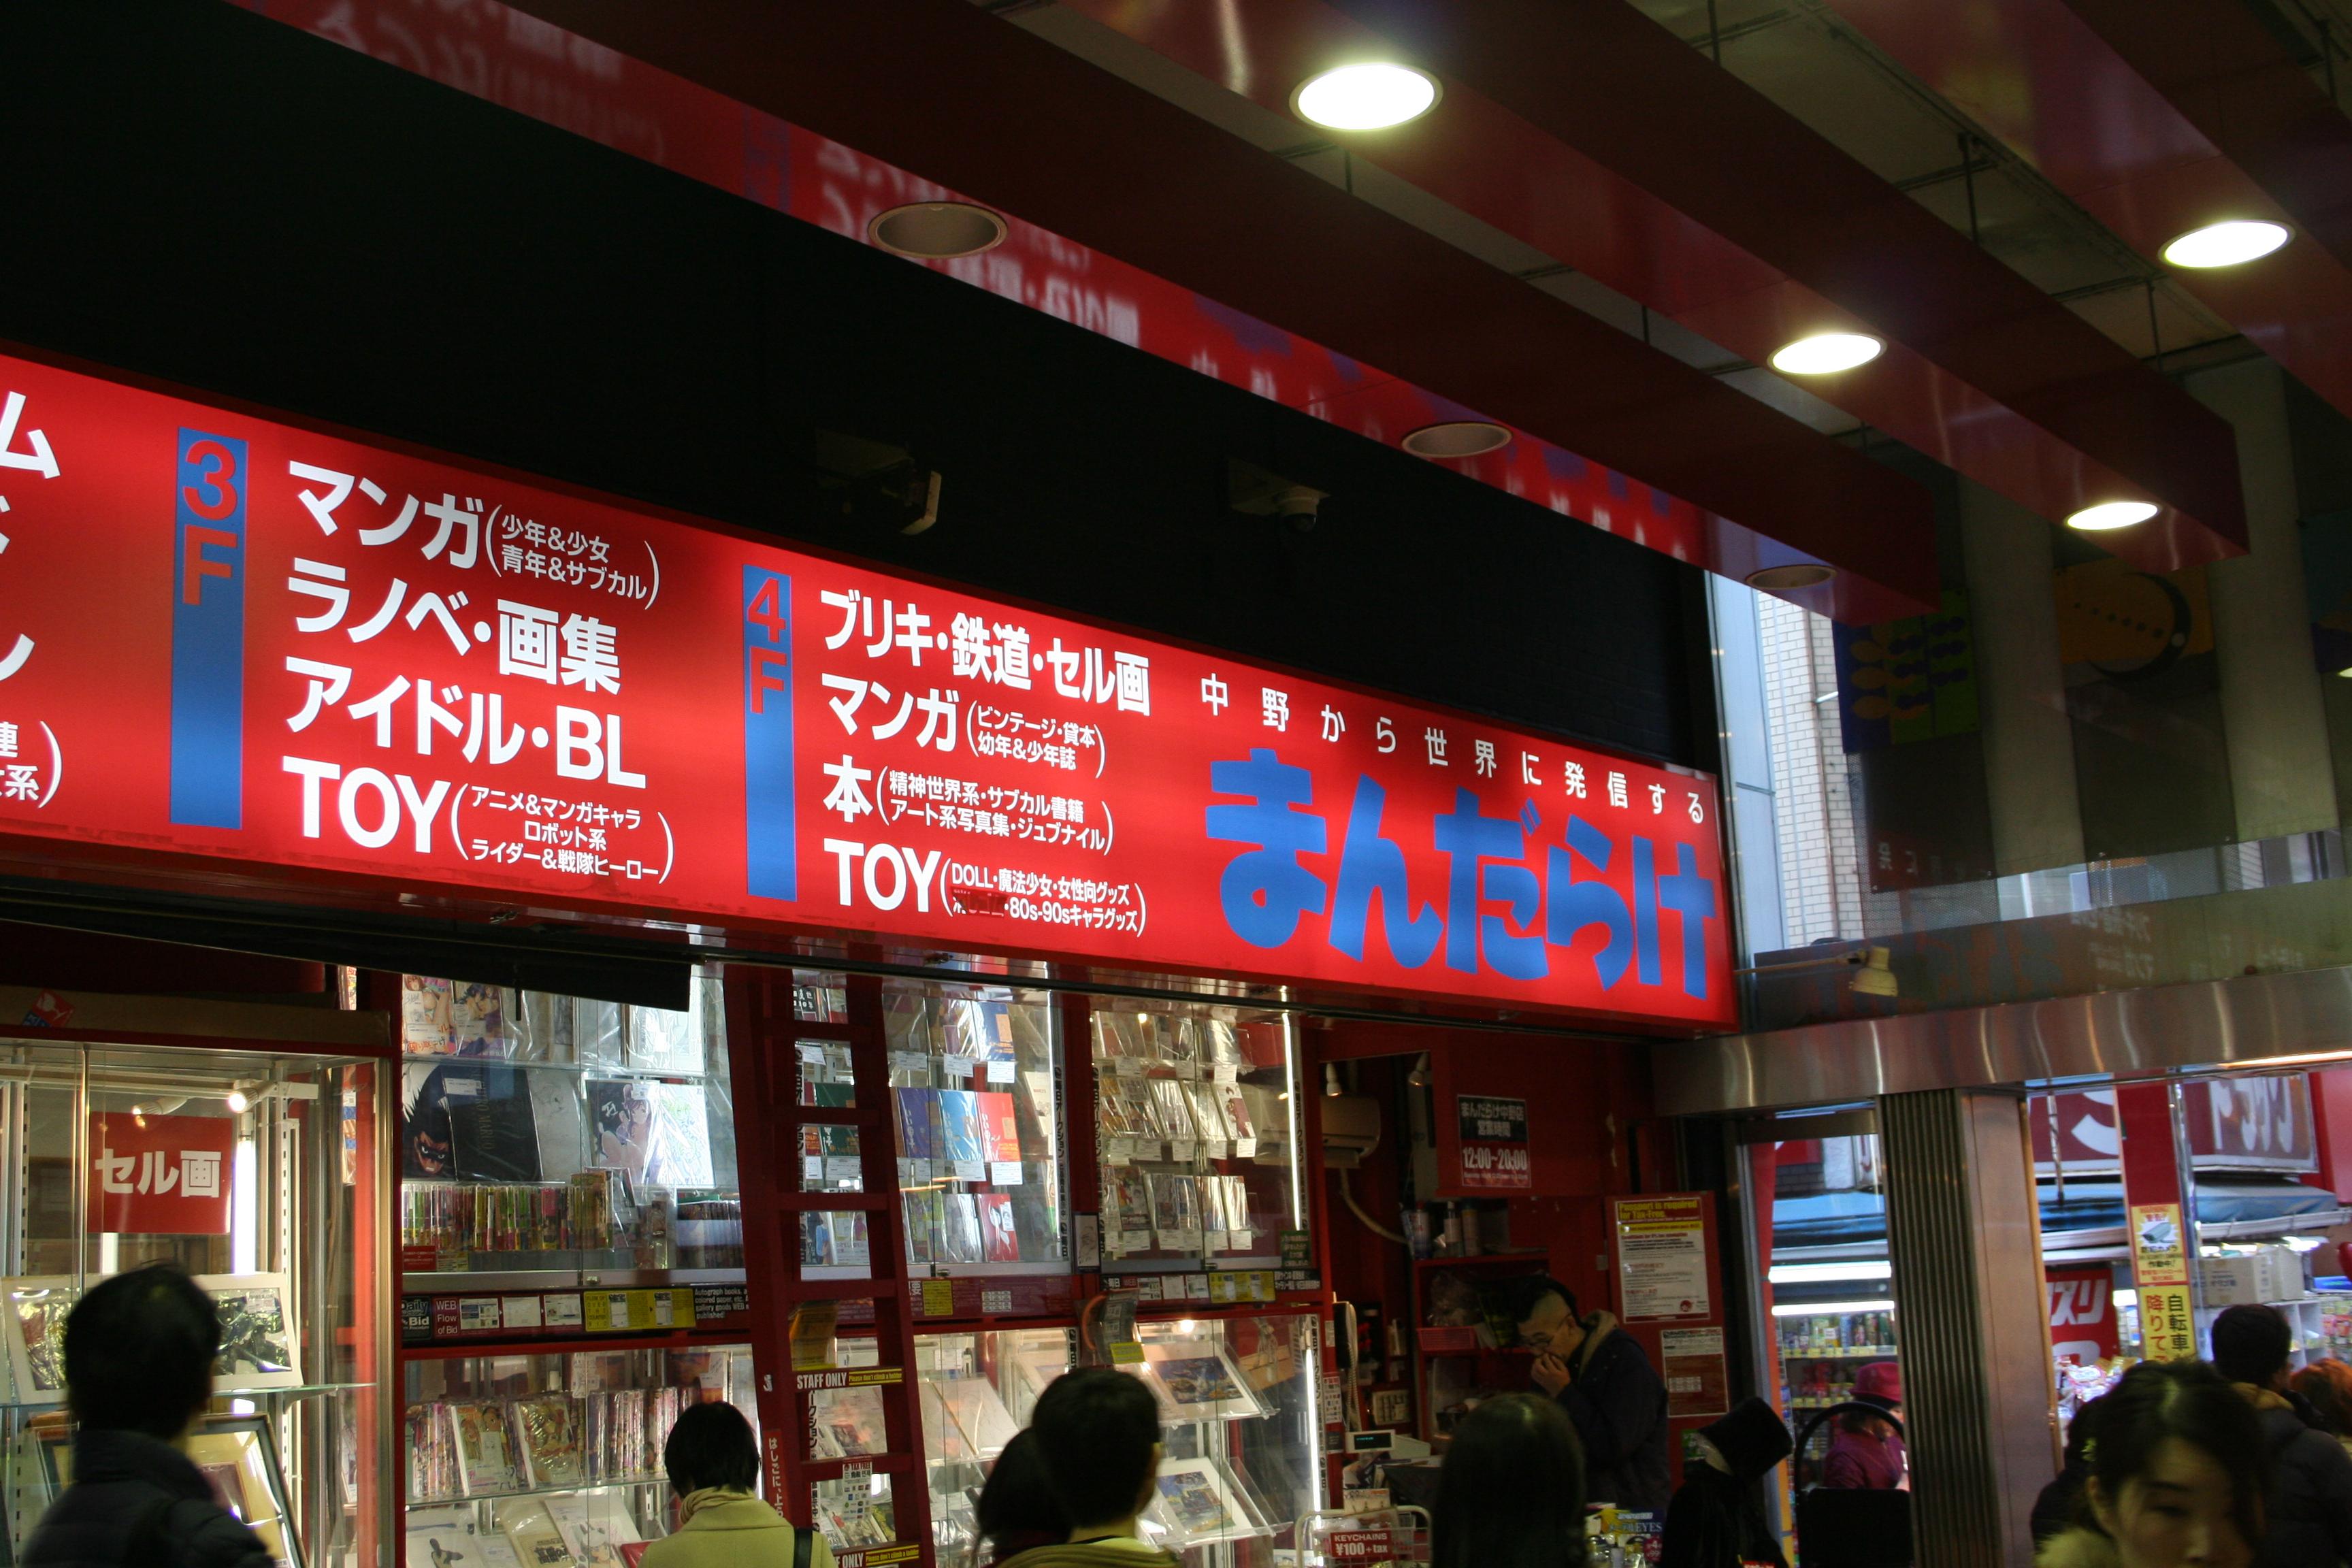 도쿄-나카노브로드웨이14